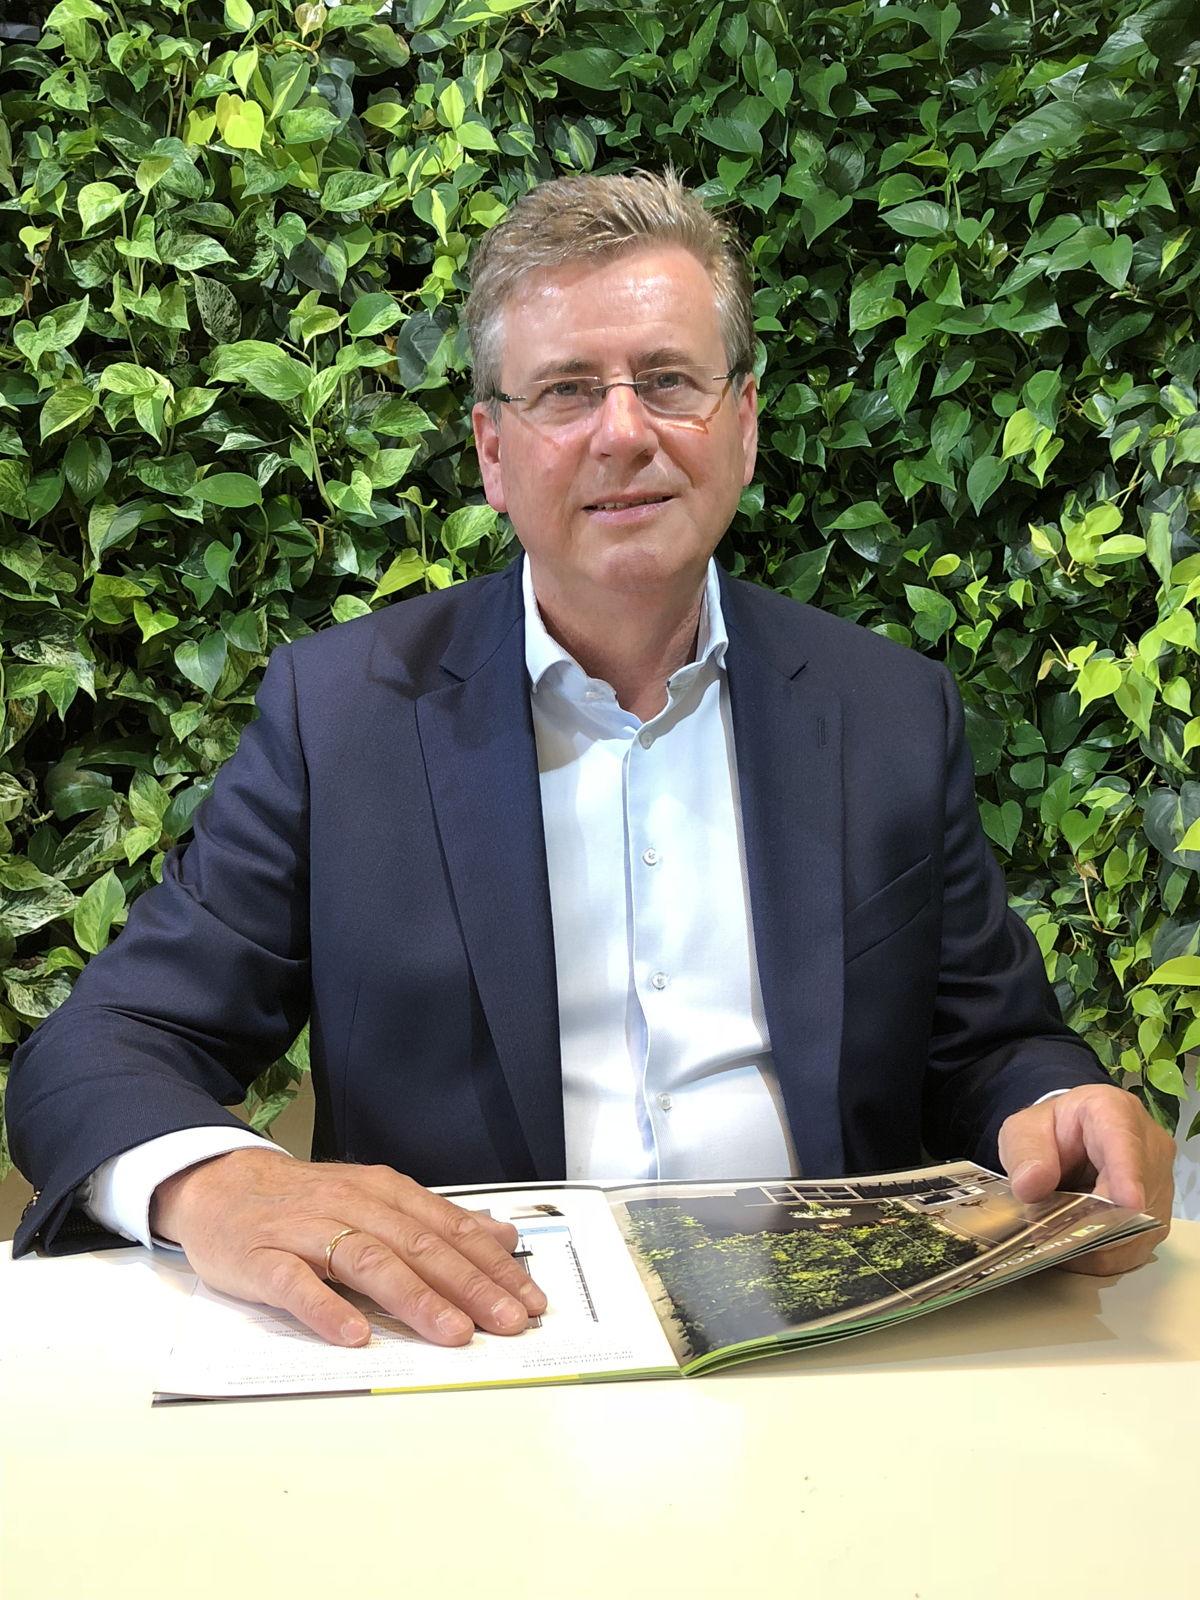 Robert van Aerts